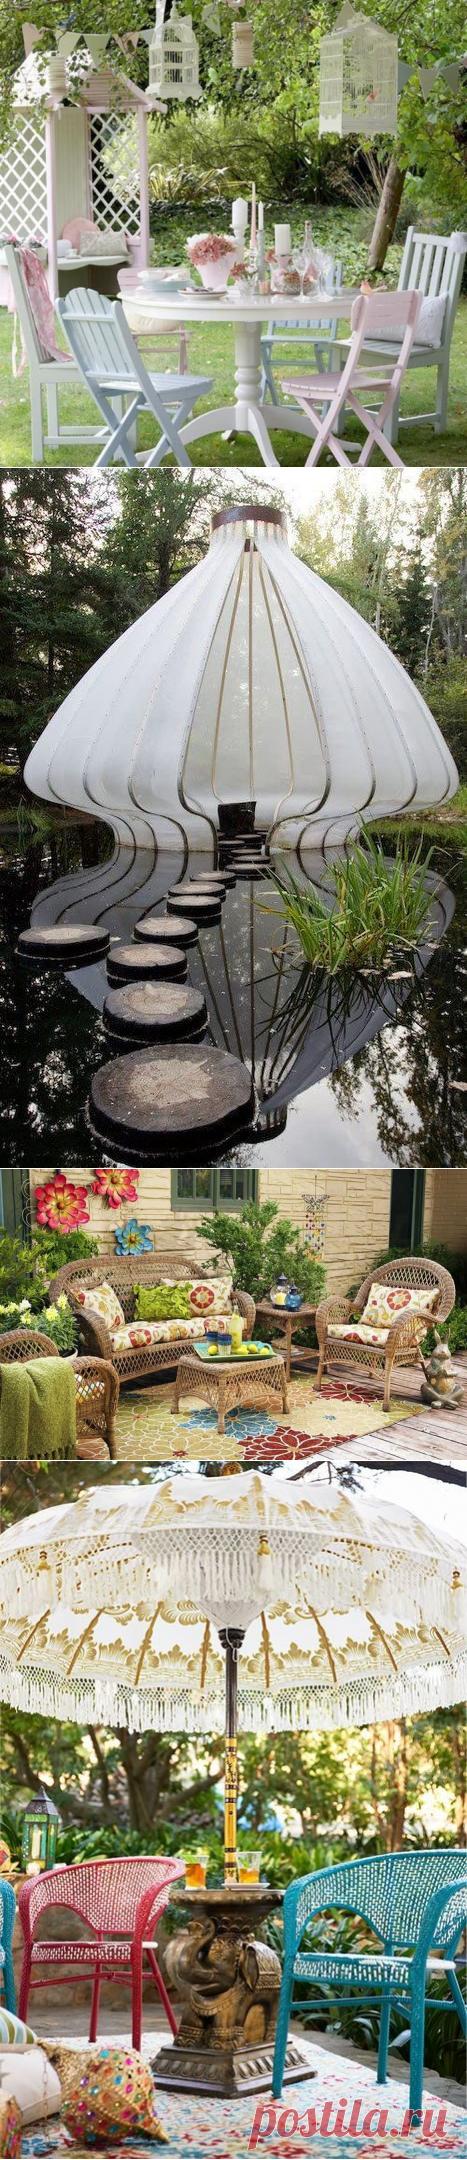 7 ideas abruptas para el jardín